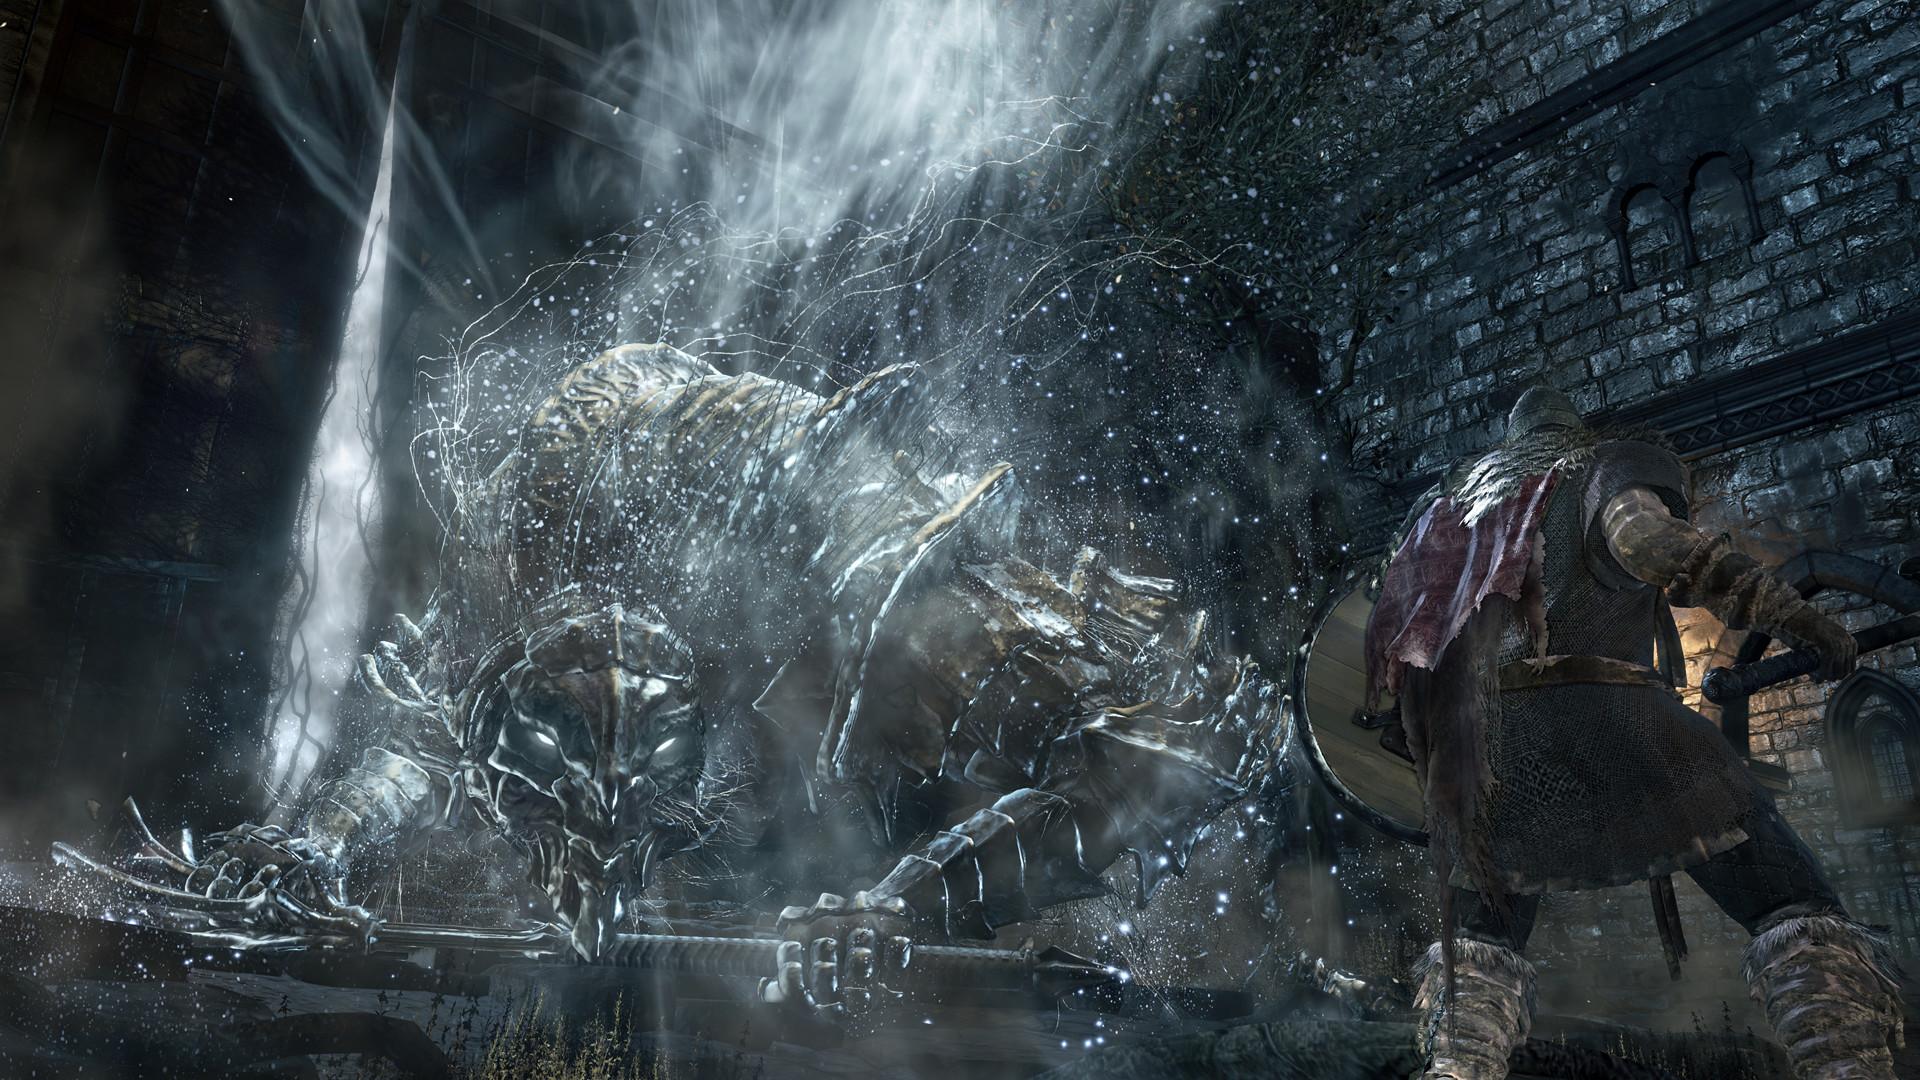 Итоги 2010-х: 10 лучших фантастических видеоигр поверсии читателей МФ 2